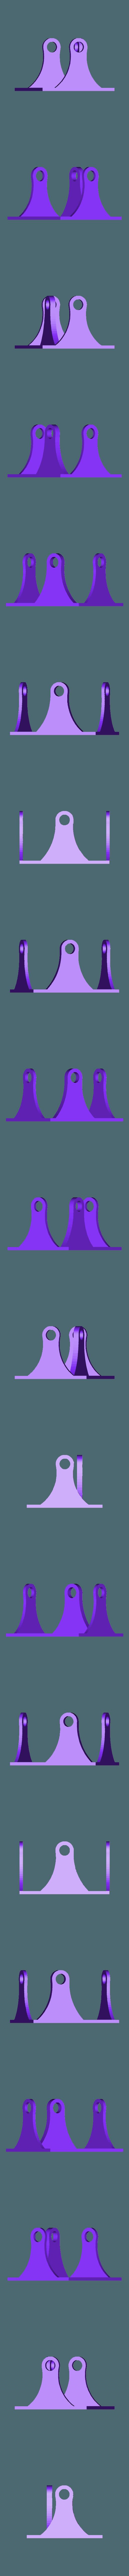 Bevel_gear_mechanism_stand.stl Télécharger fichier STL gratuit Mécanisme qui ne tourne que dans un sens, quoi qu'il arrive !!!!! Engrenage conique • Objet à imprimer en 3D, matthewdwulff